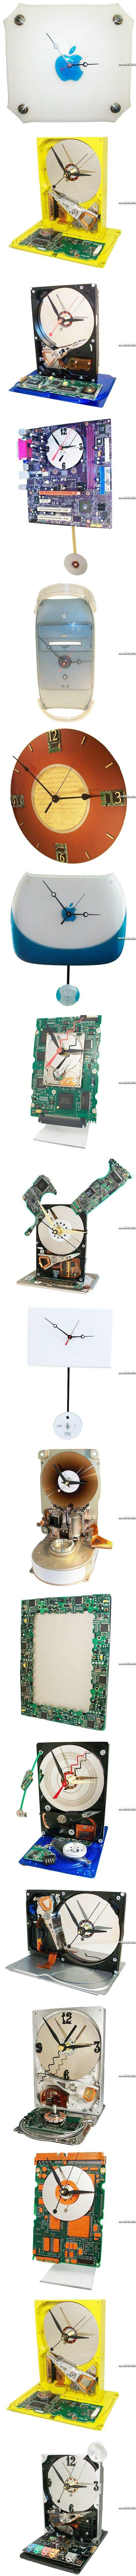 Часы из старых комплектующих